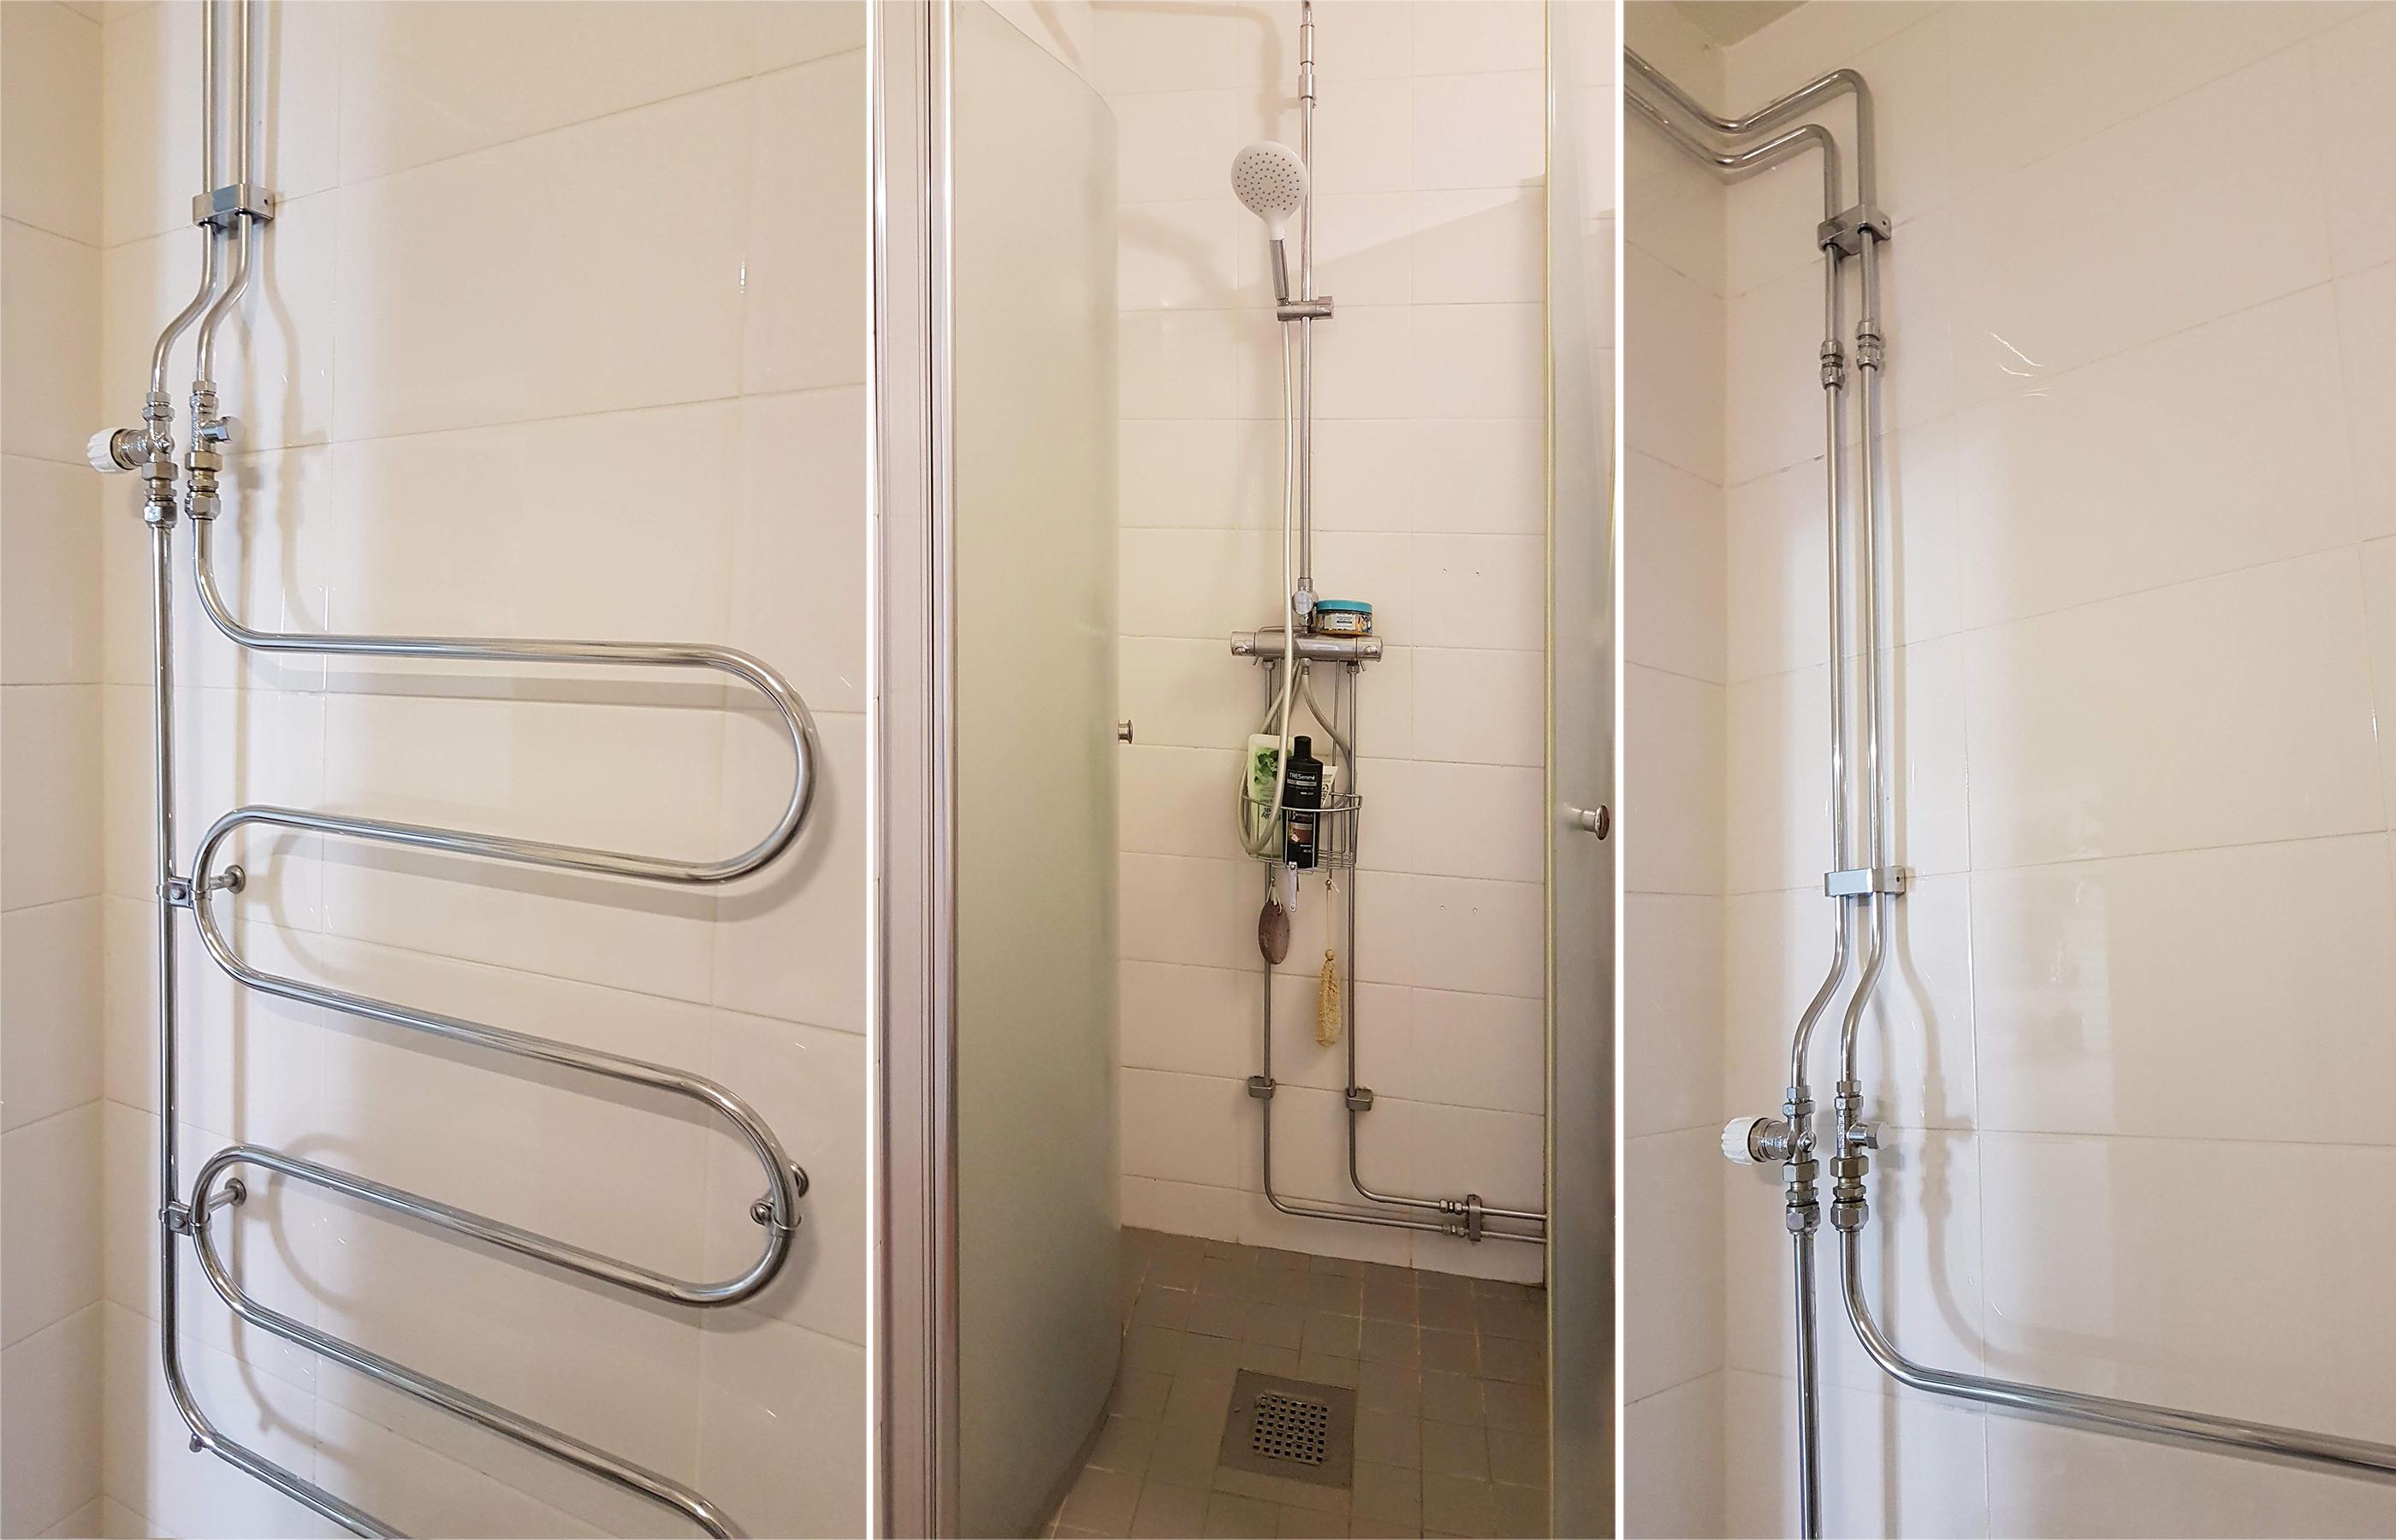 Открытые водопроводные трубы в интерьере ванной комнаты